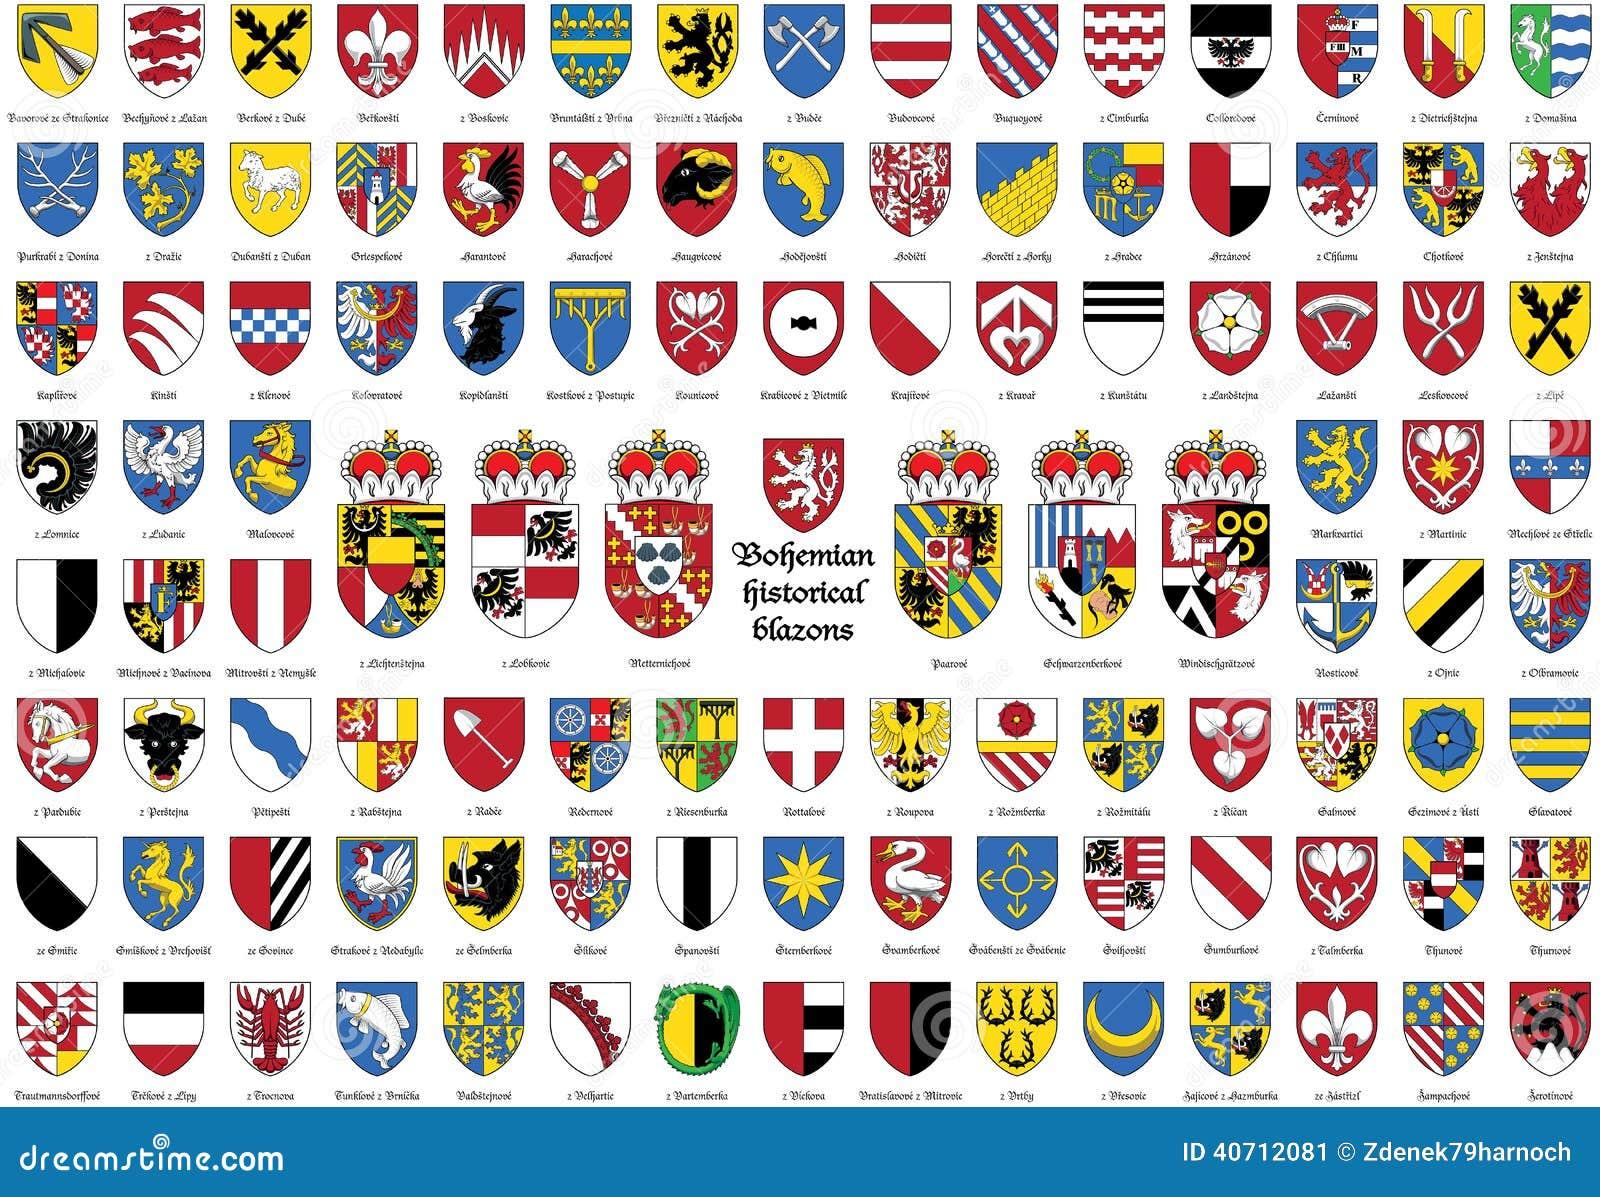 Blasons historiques de Bohème, manteau de Tchèques des bras,